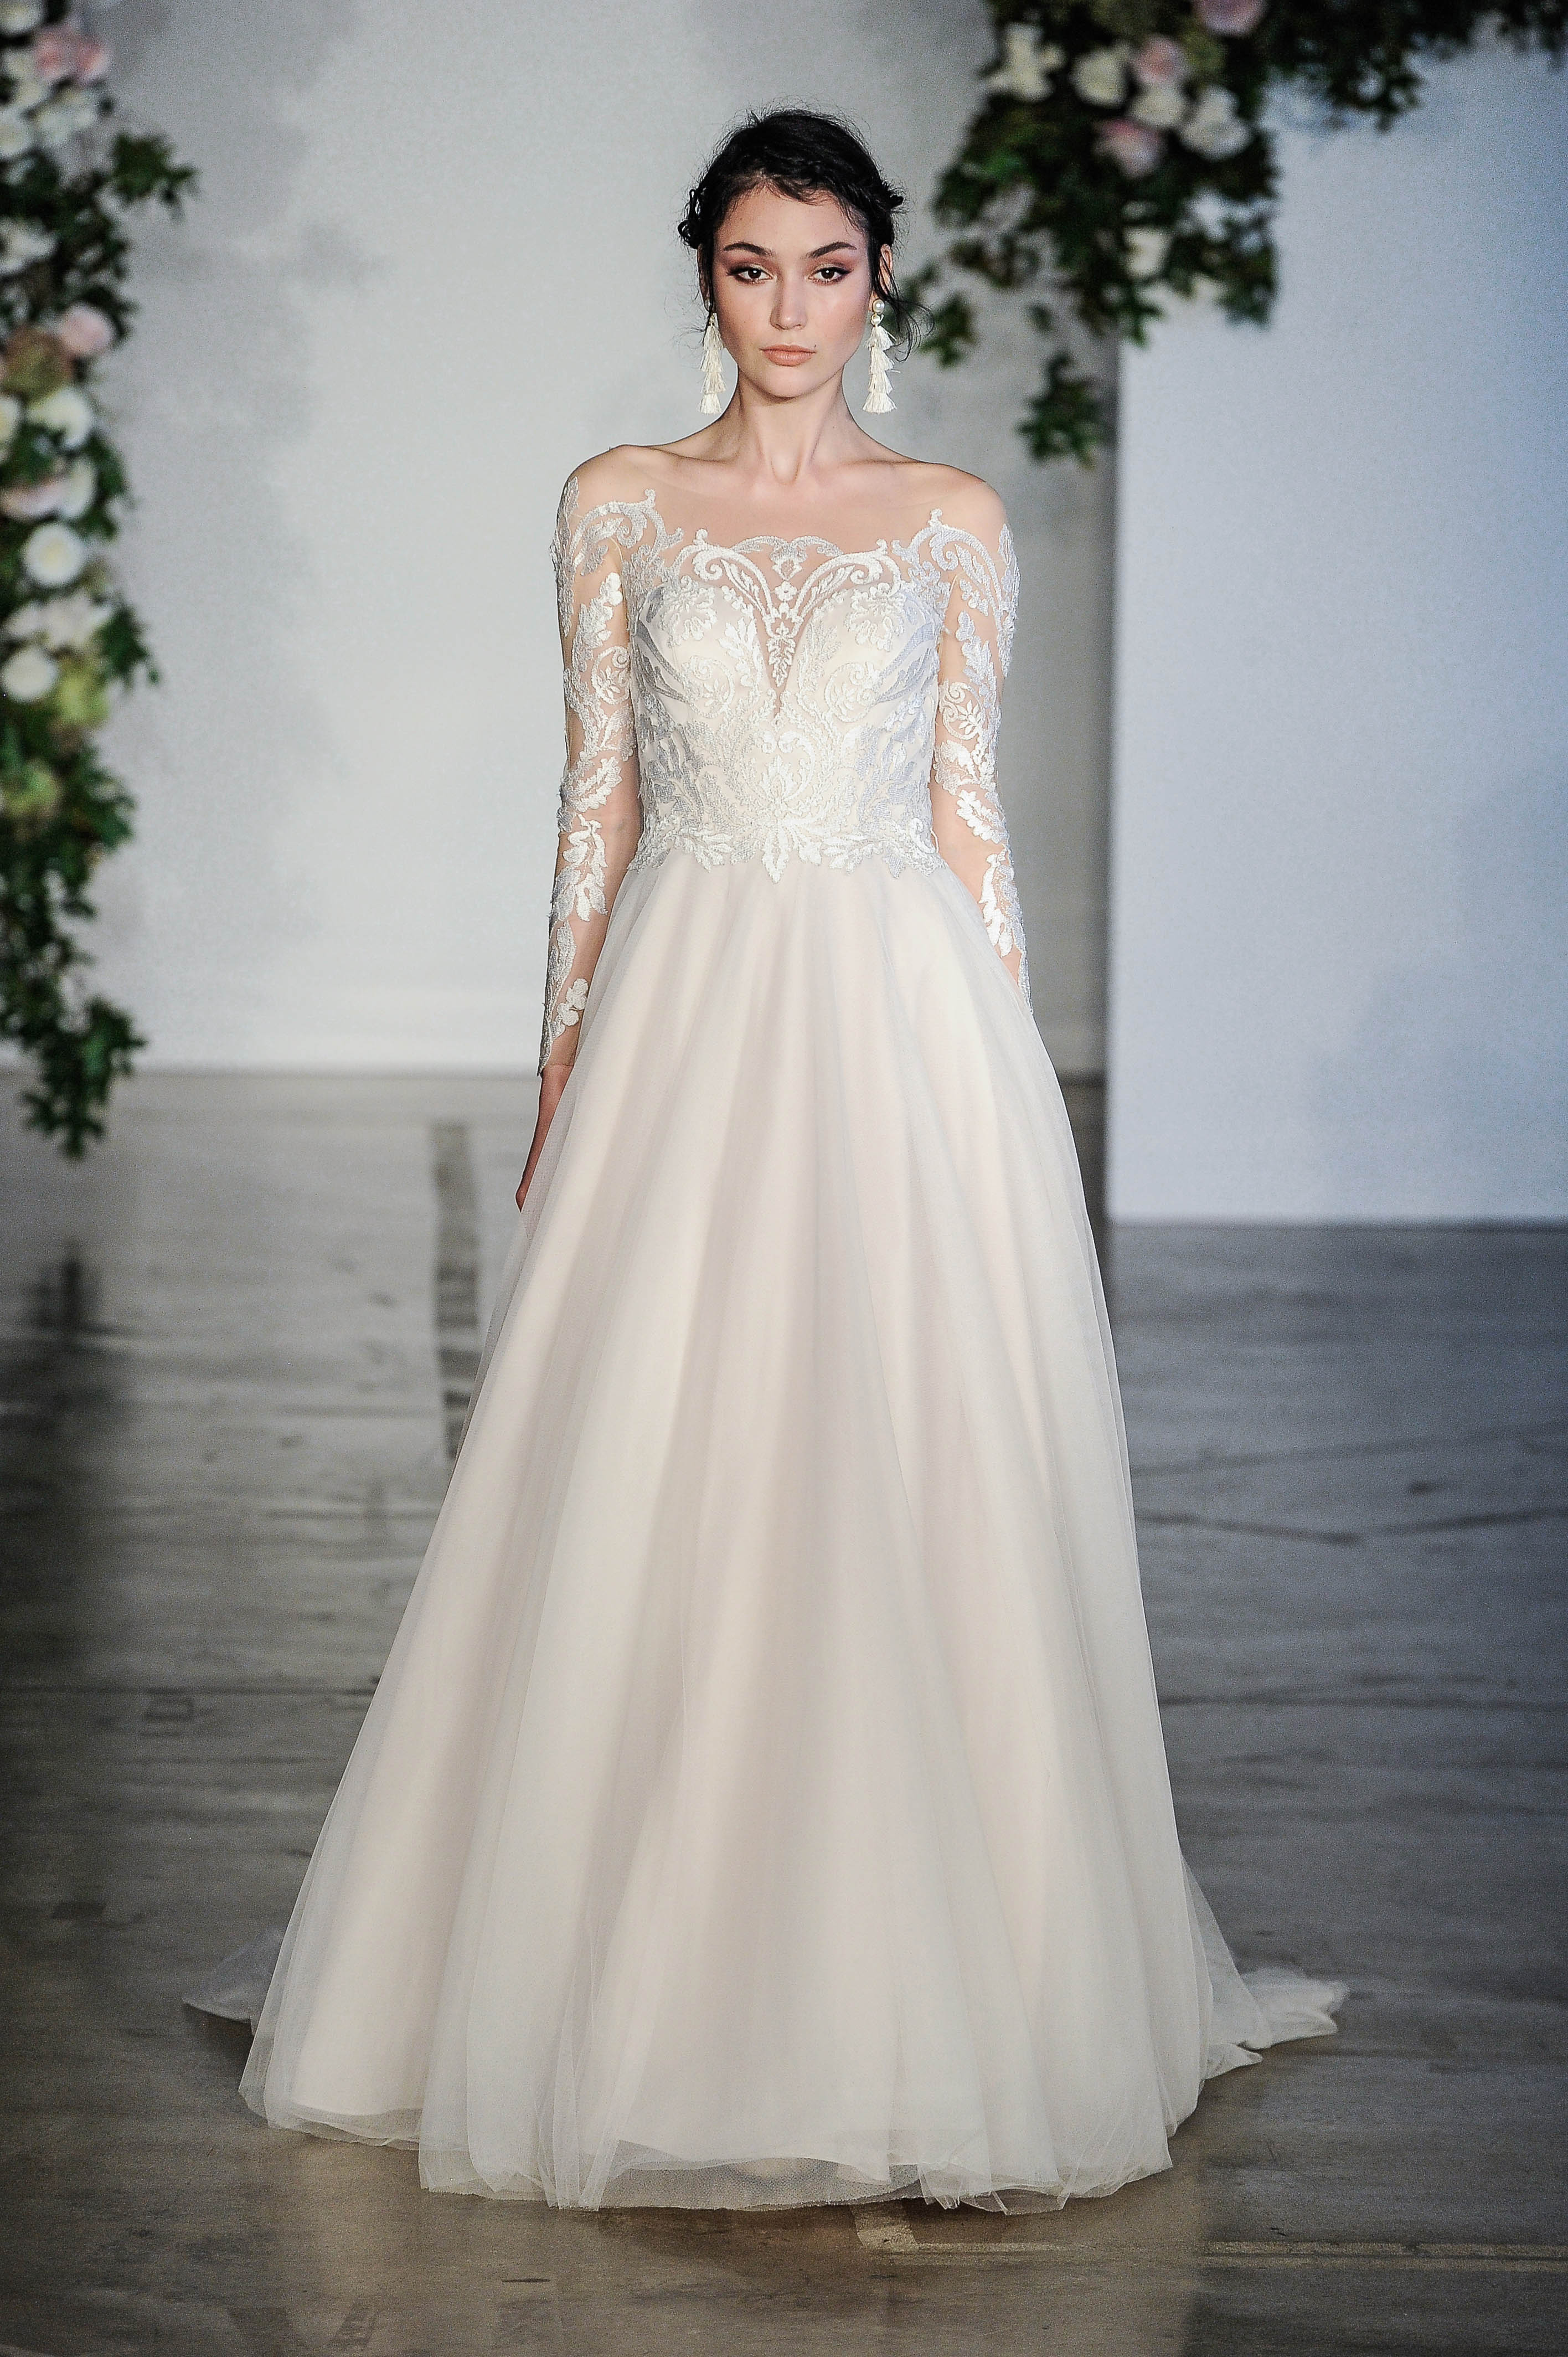 Morilee Embellished Sweetheart Wedding Dress Fall 2018